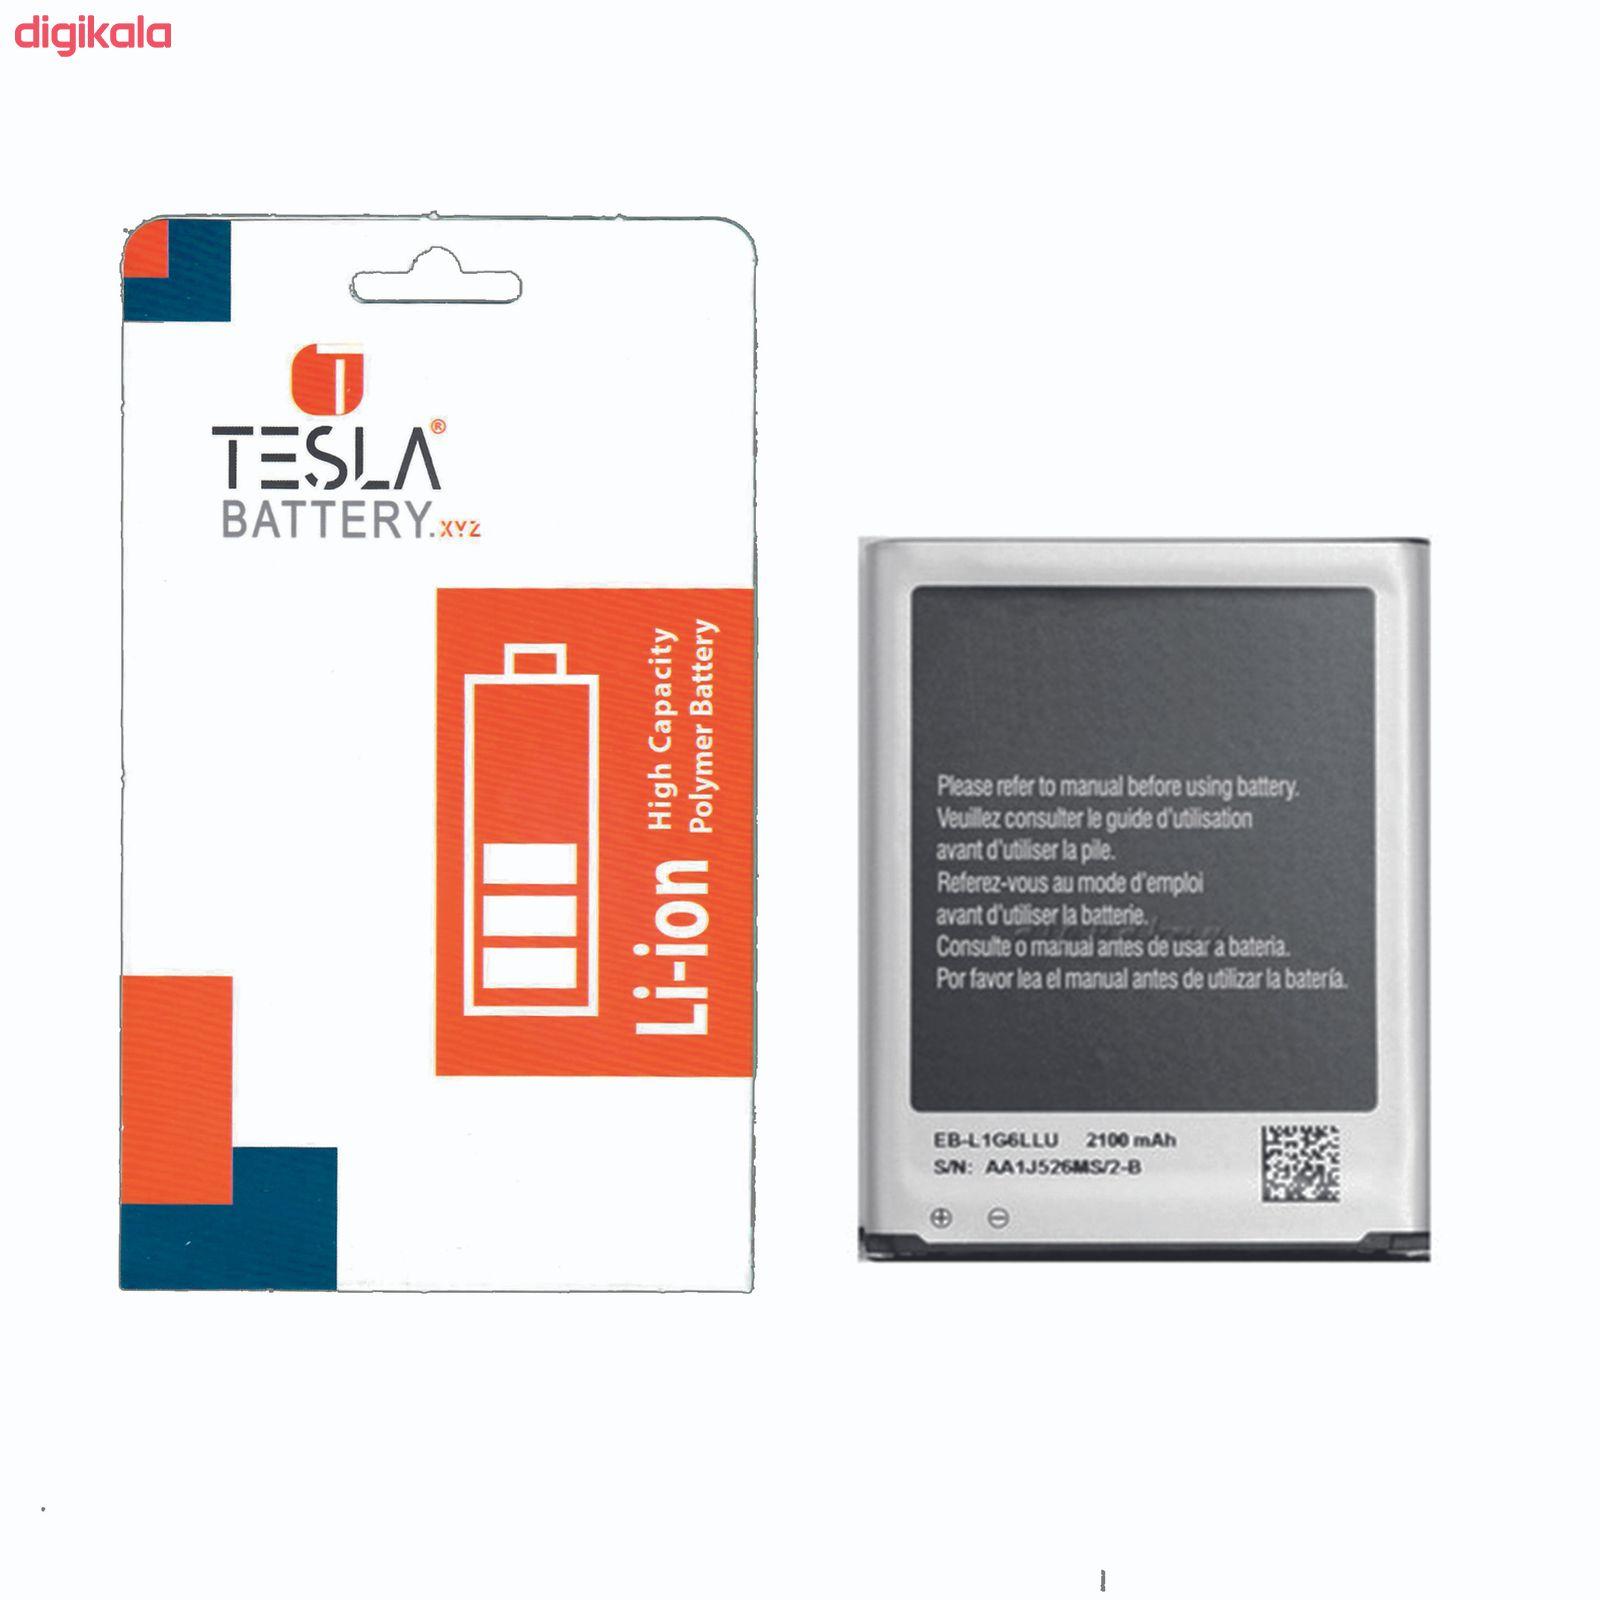 باتری موبایل مدل EB-L1G6LLU ظرفیت 2100 میلیآمپر ساعت مناسب برای گوشی موبایل سامسونگ Galaxy S3 main 1 1